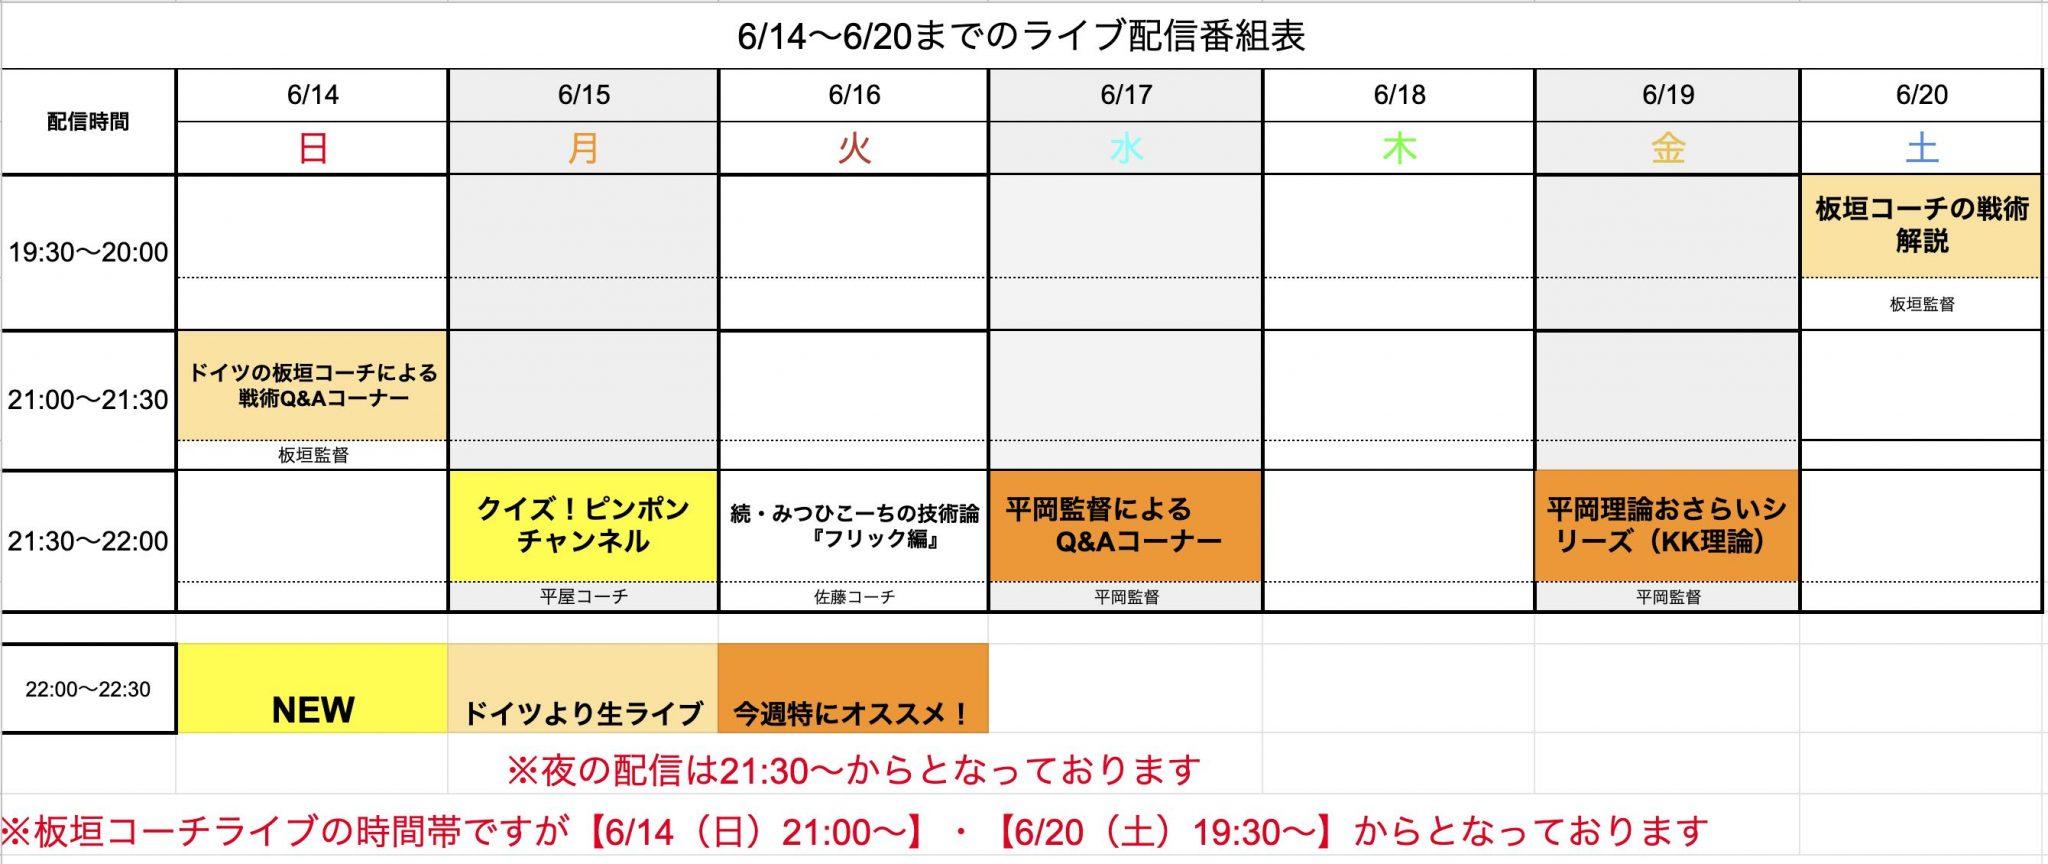 【ライブ番組表まとめ】6/14〜6/20のライブ番組表公開しました!